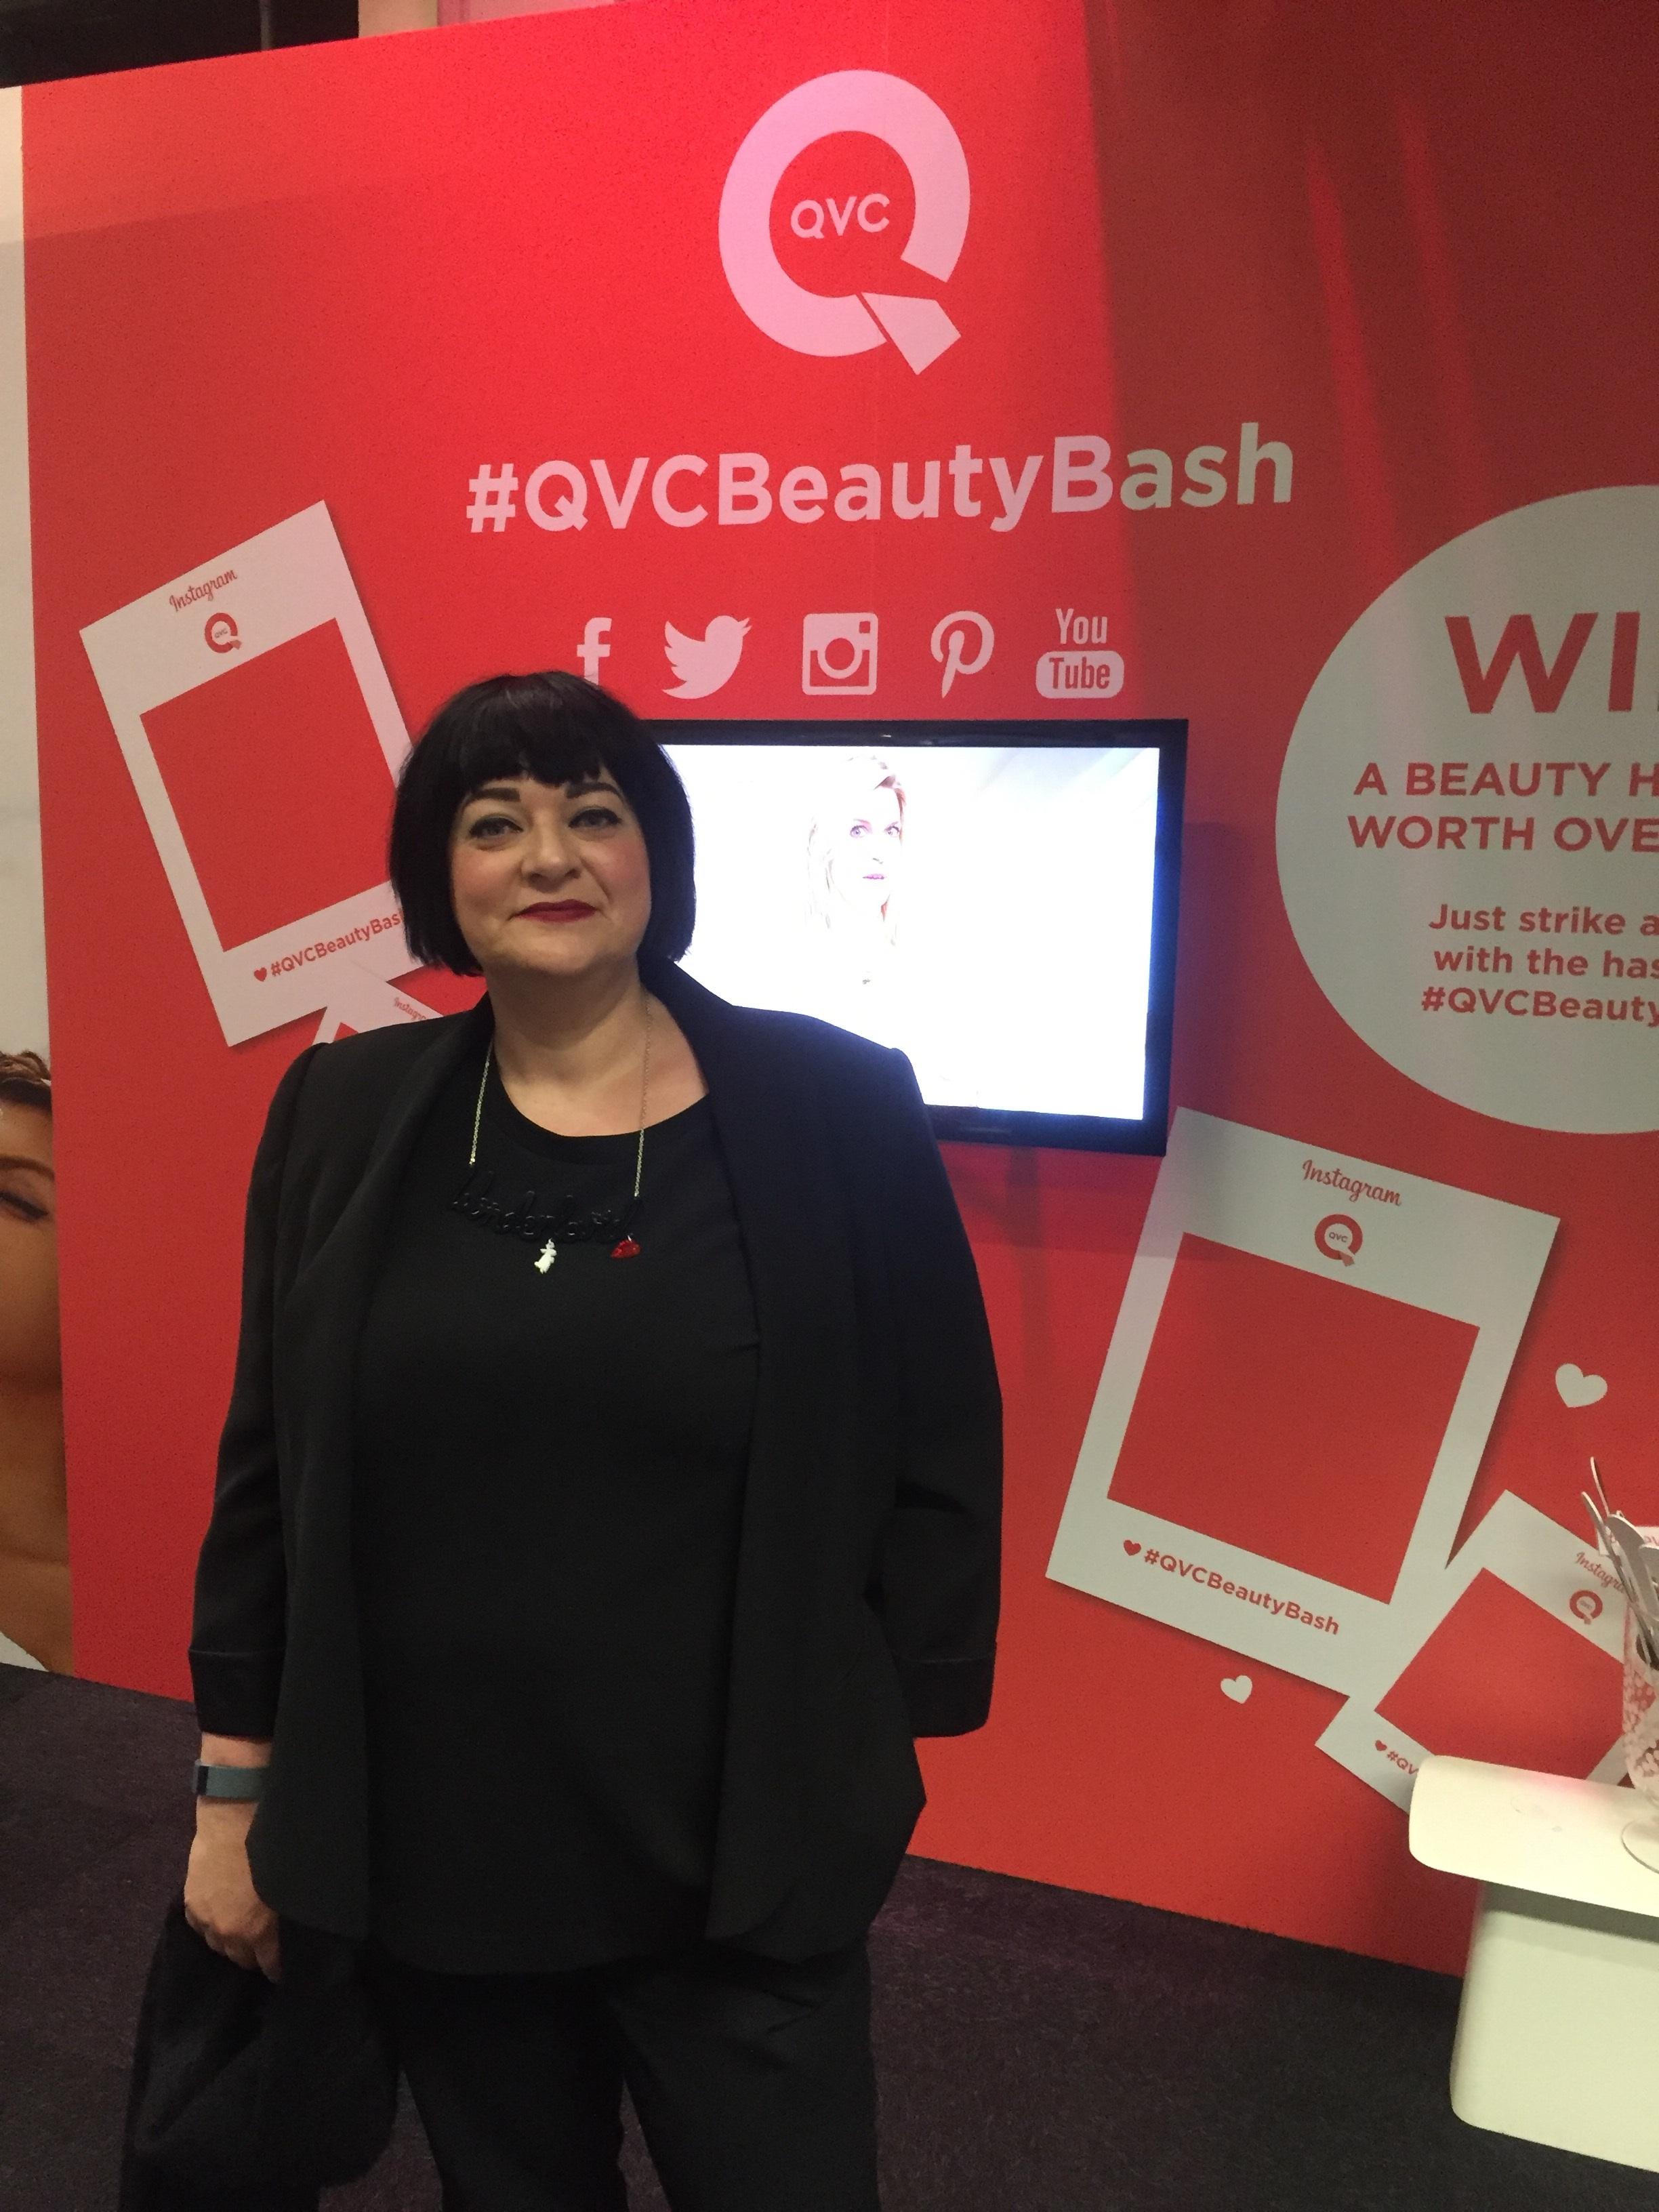 Nikki Taylor at the QVC Beauty Bash